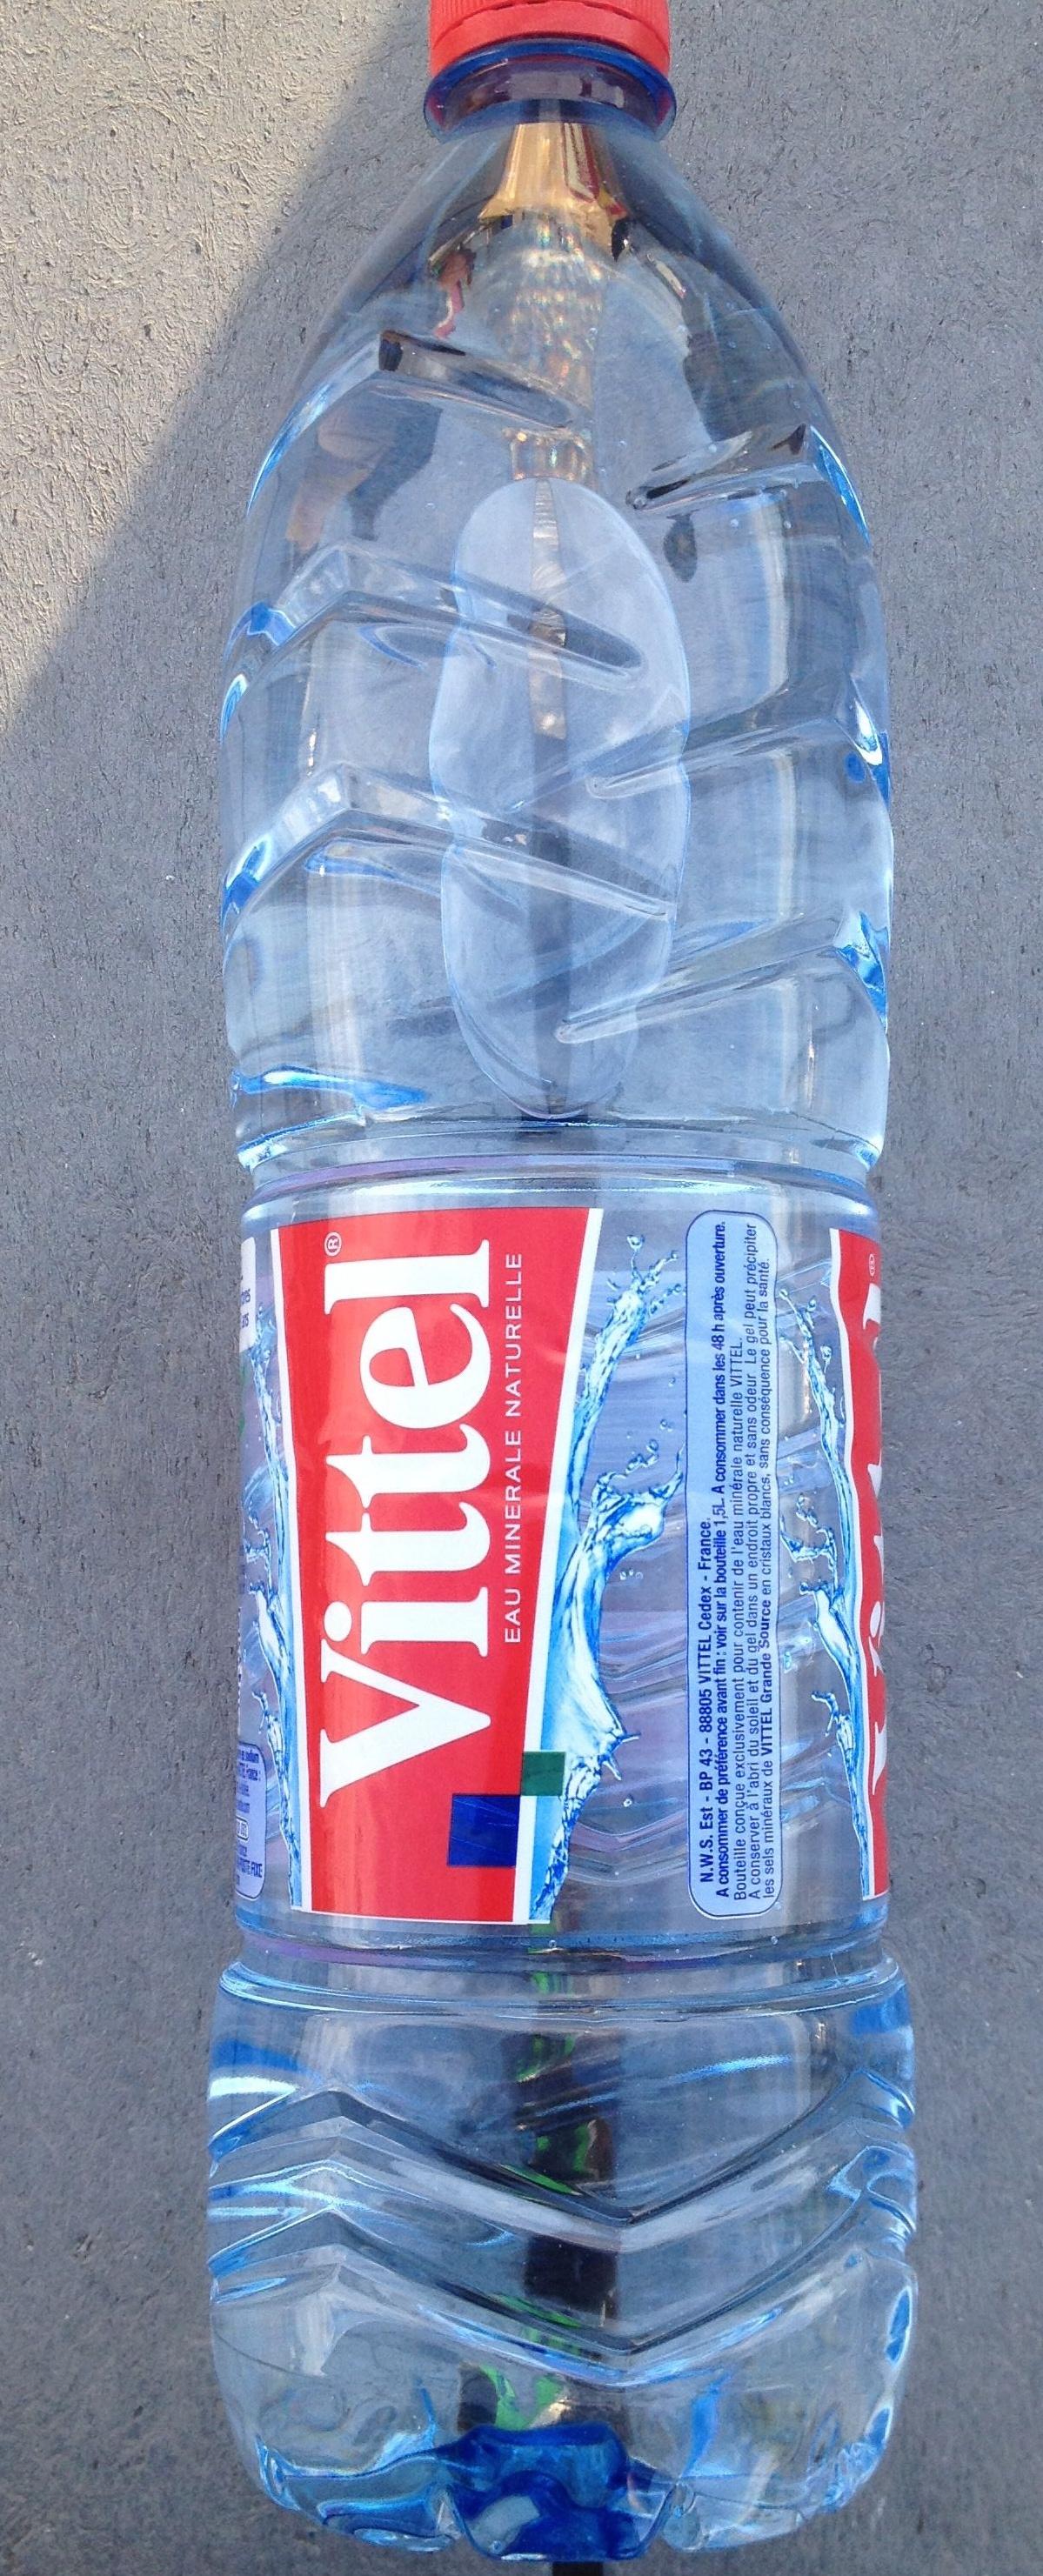 Vittel 1,5 L - Produit - fr